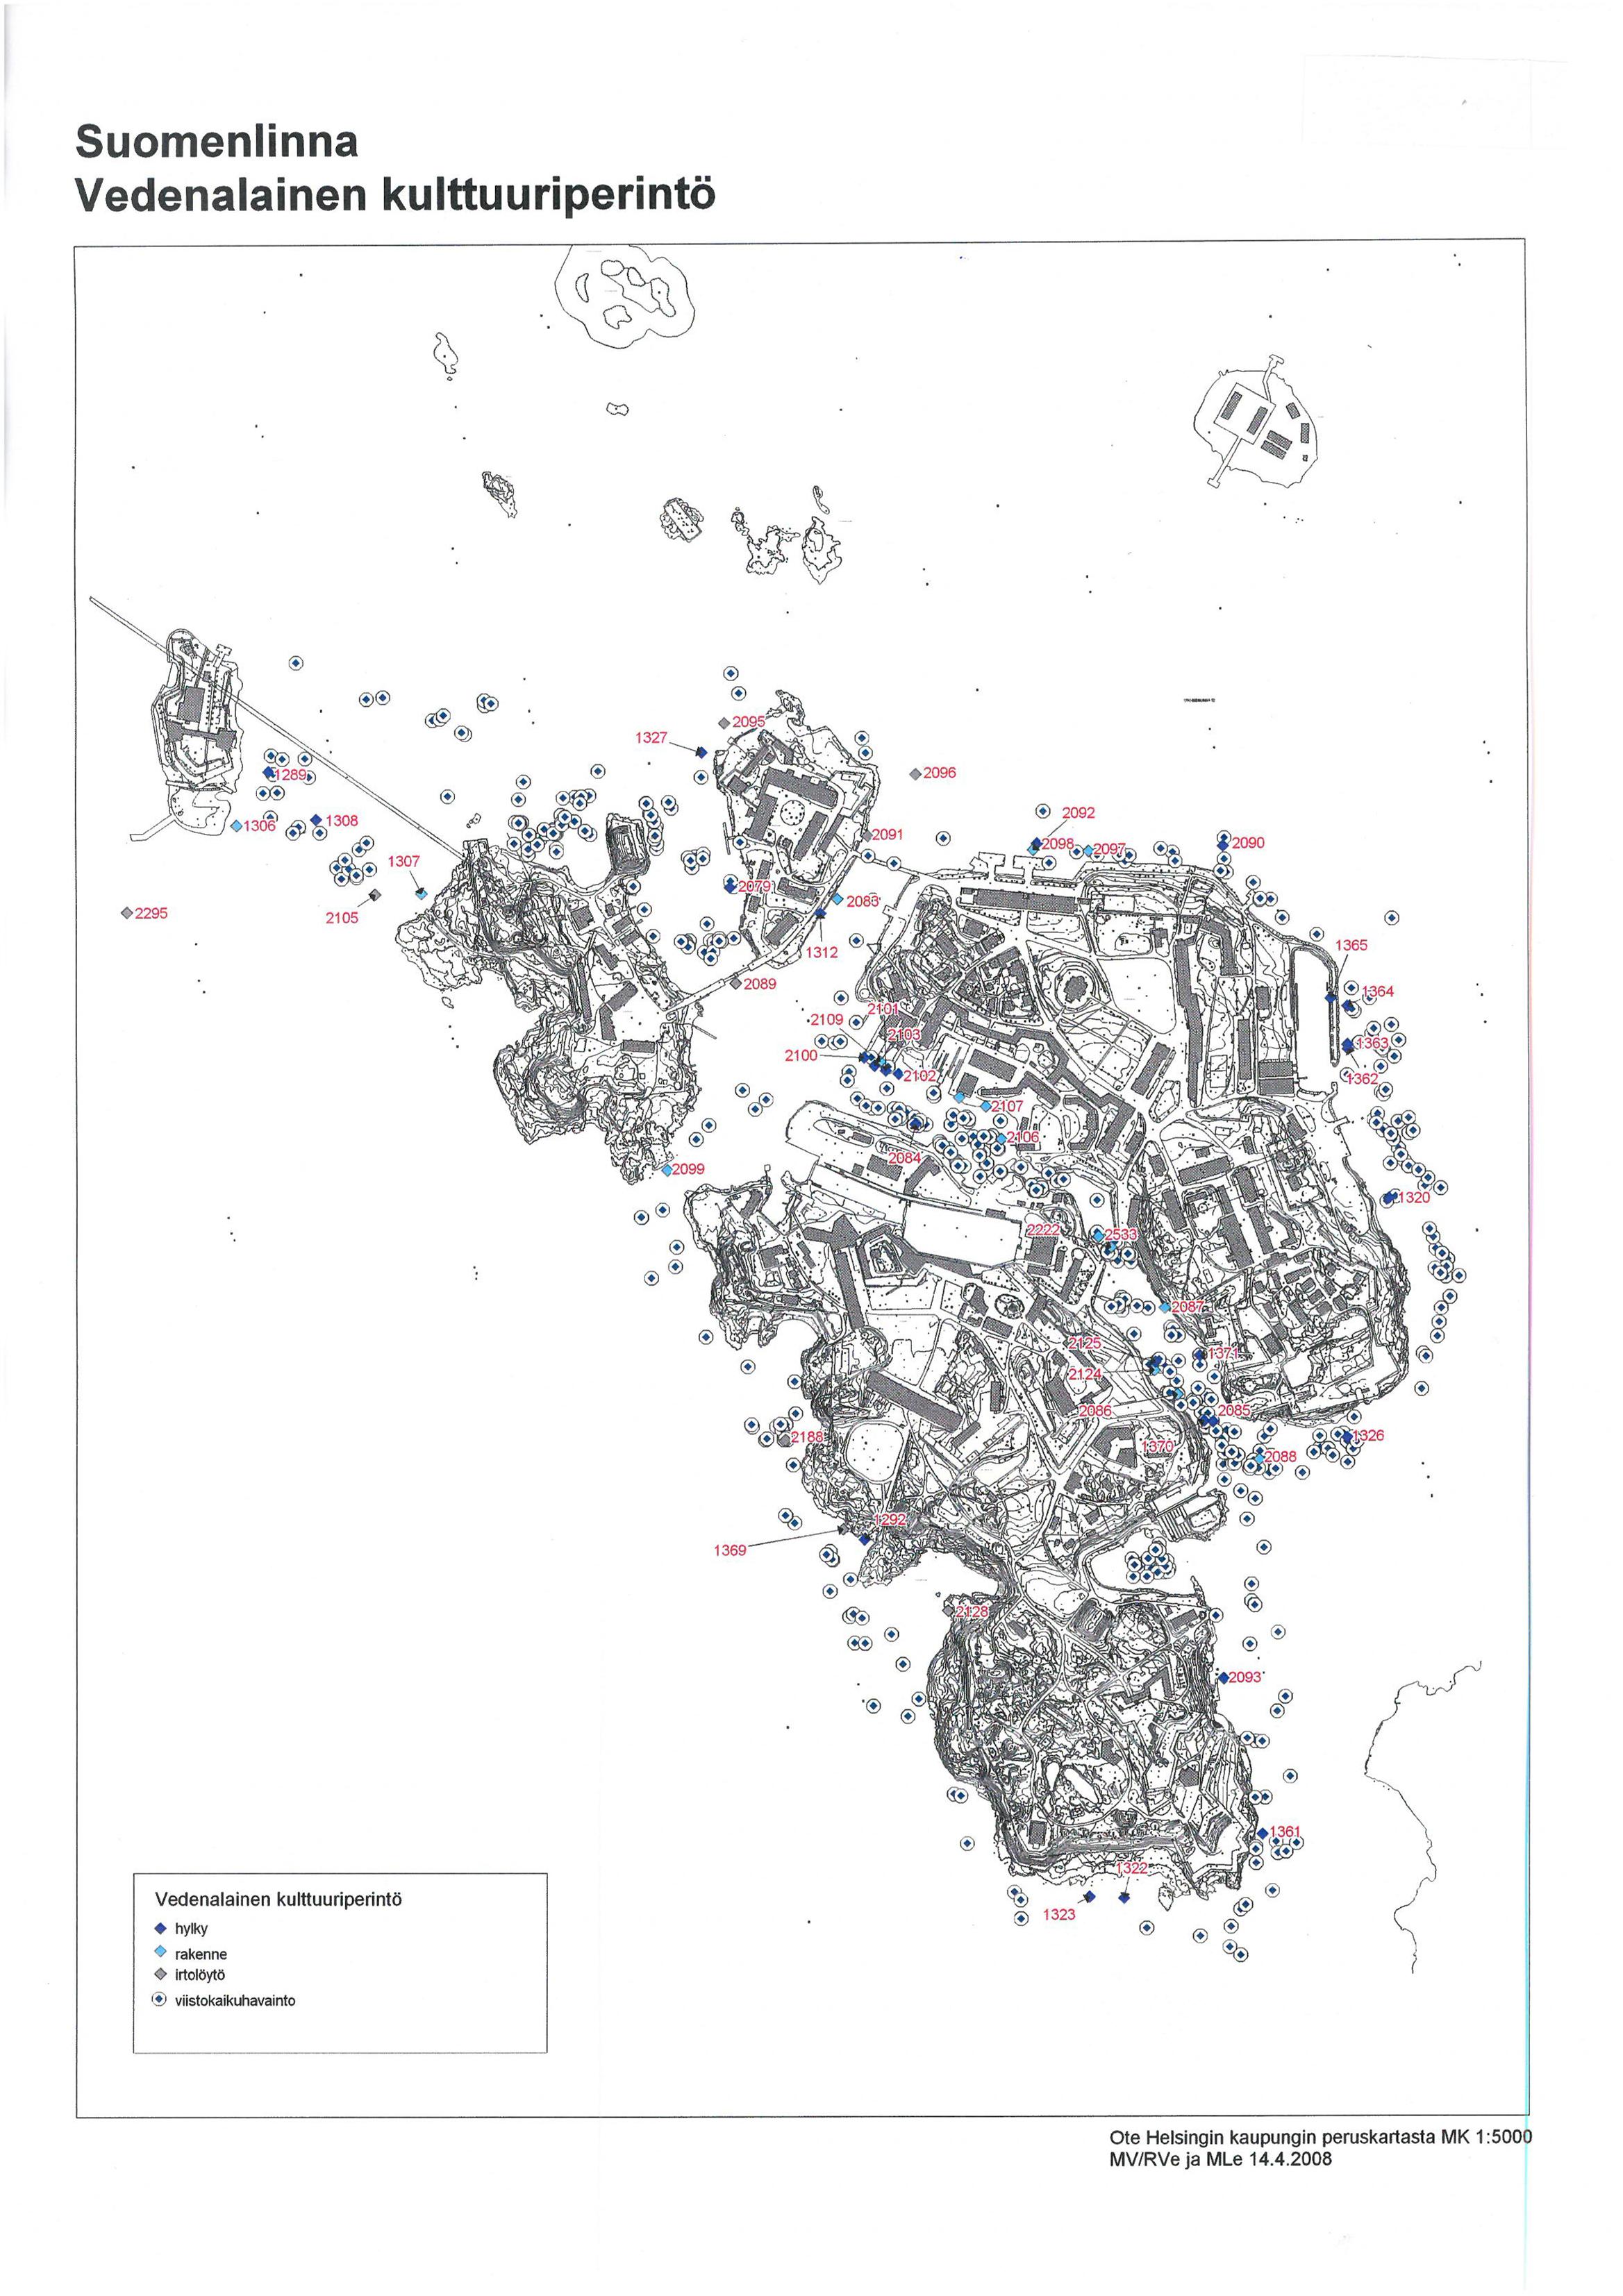 Mustavalkoinen kartta Suomenlinnasta ja sen välittömässä läheisyydessä sijaitsevista hylyistä ja rakenteista.